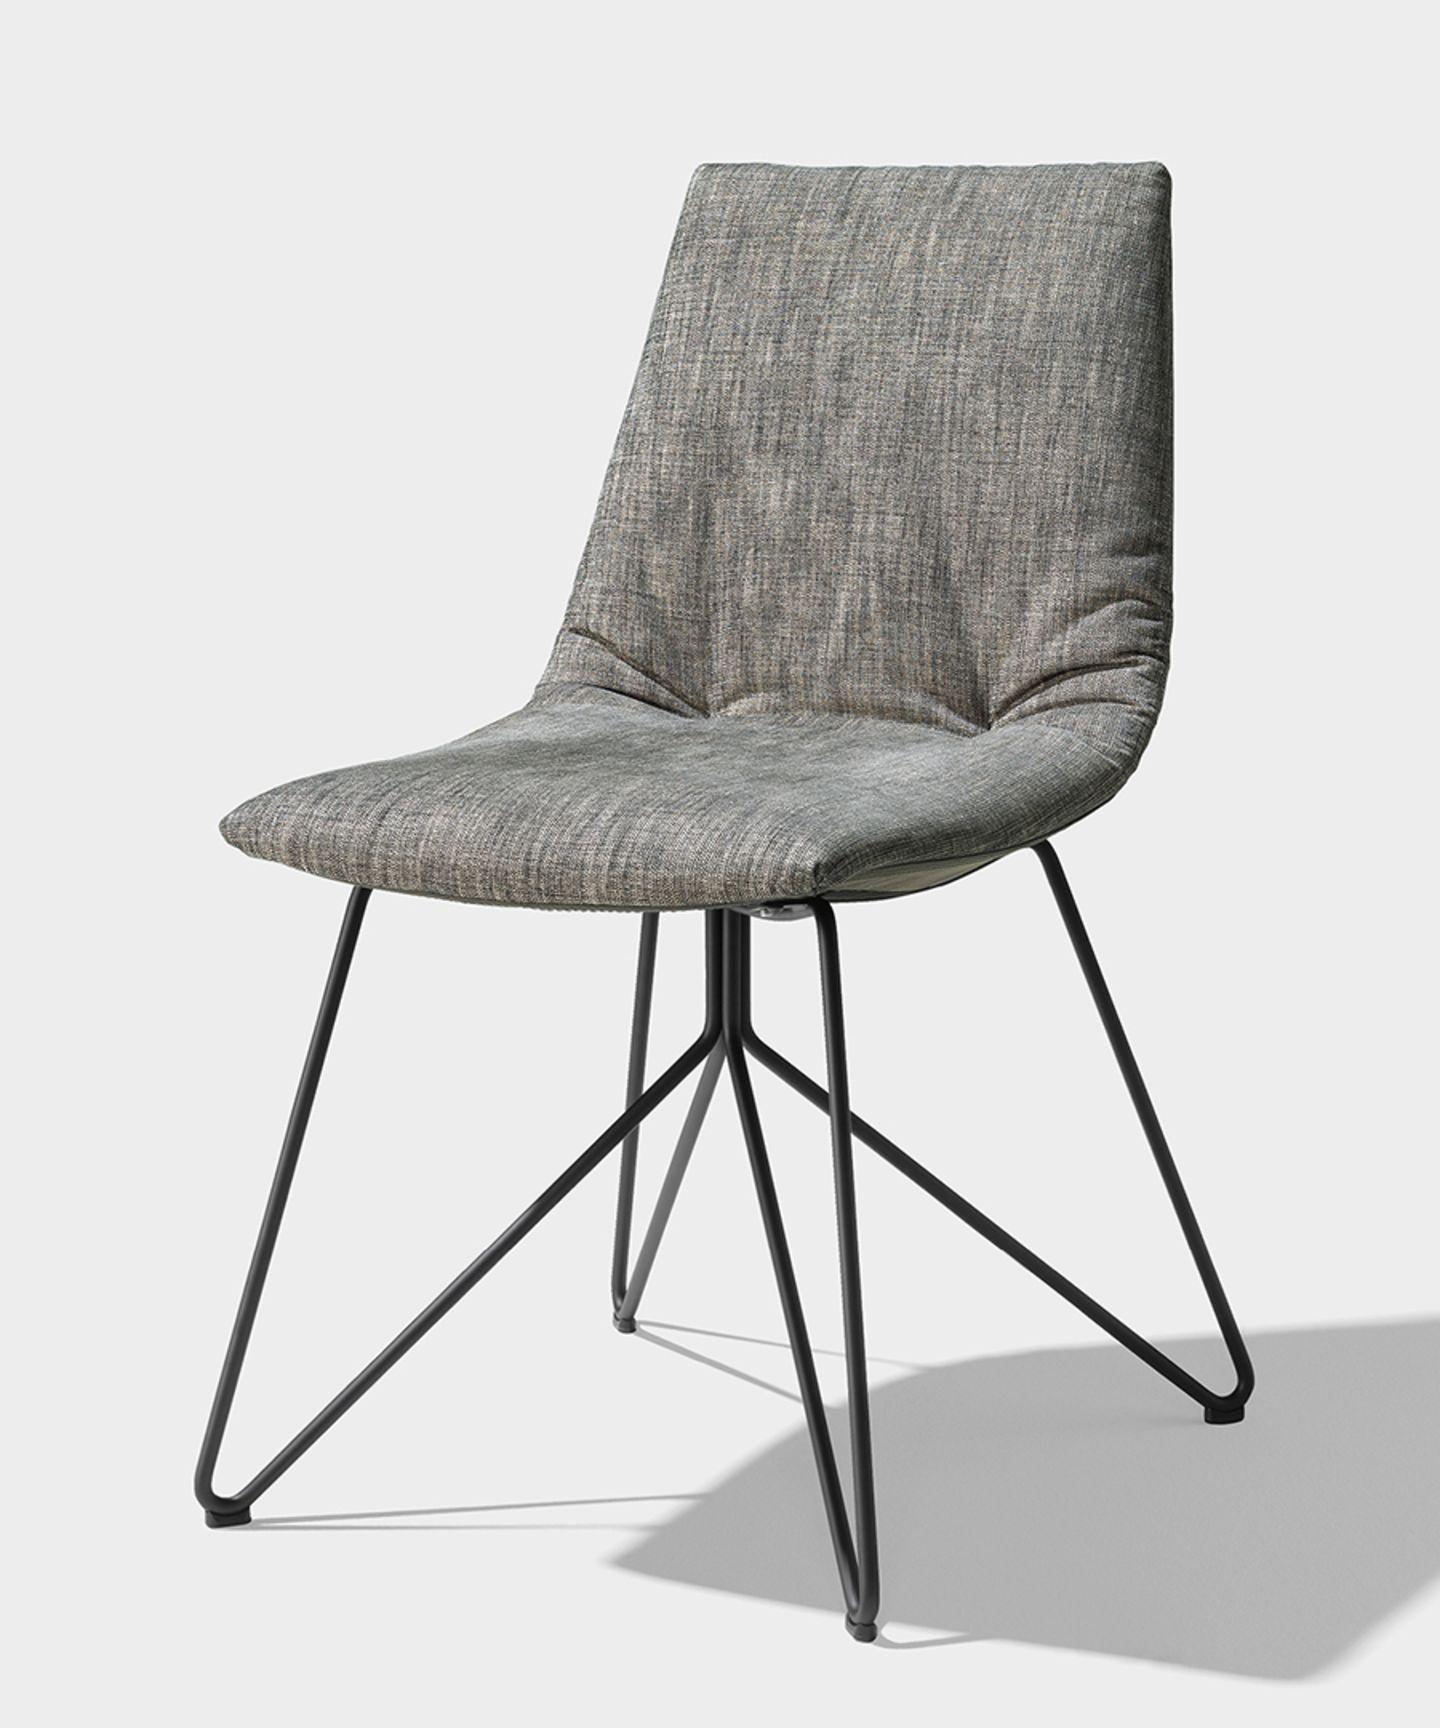 lui chaise tissu maple pietement en fil d'acier finition inox